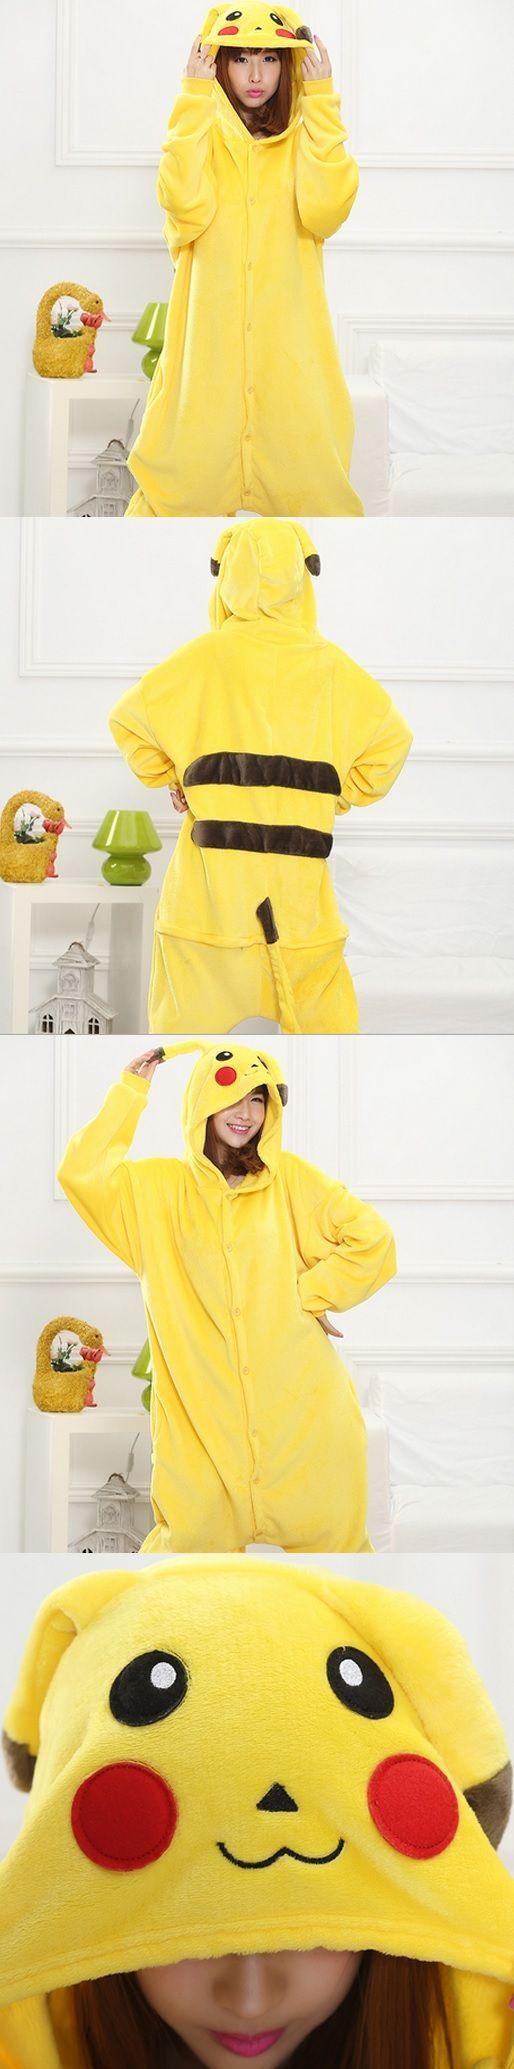 Pijama enterizo pikachu estilo coreano... I NEED ITTTT